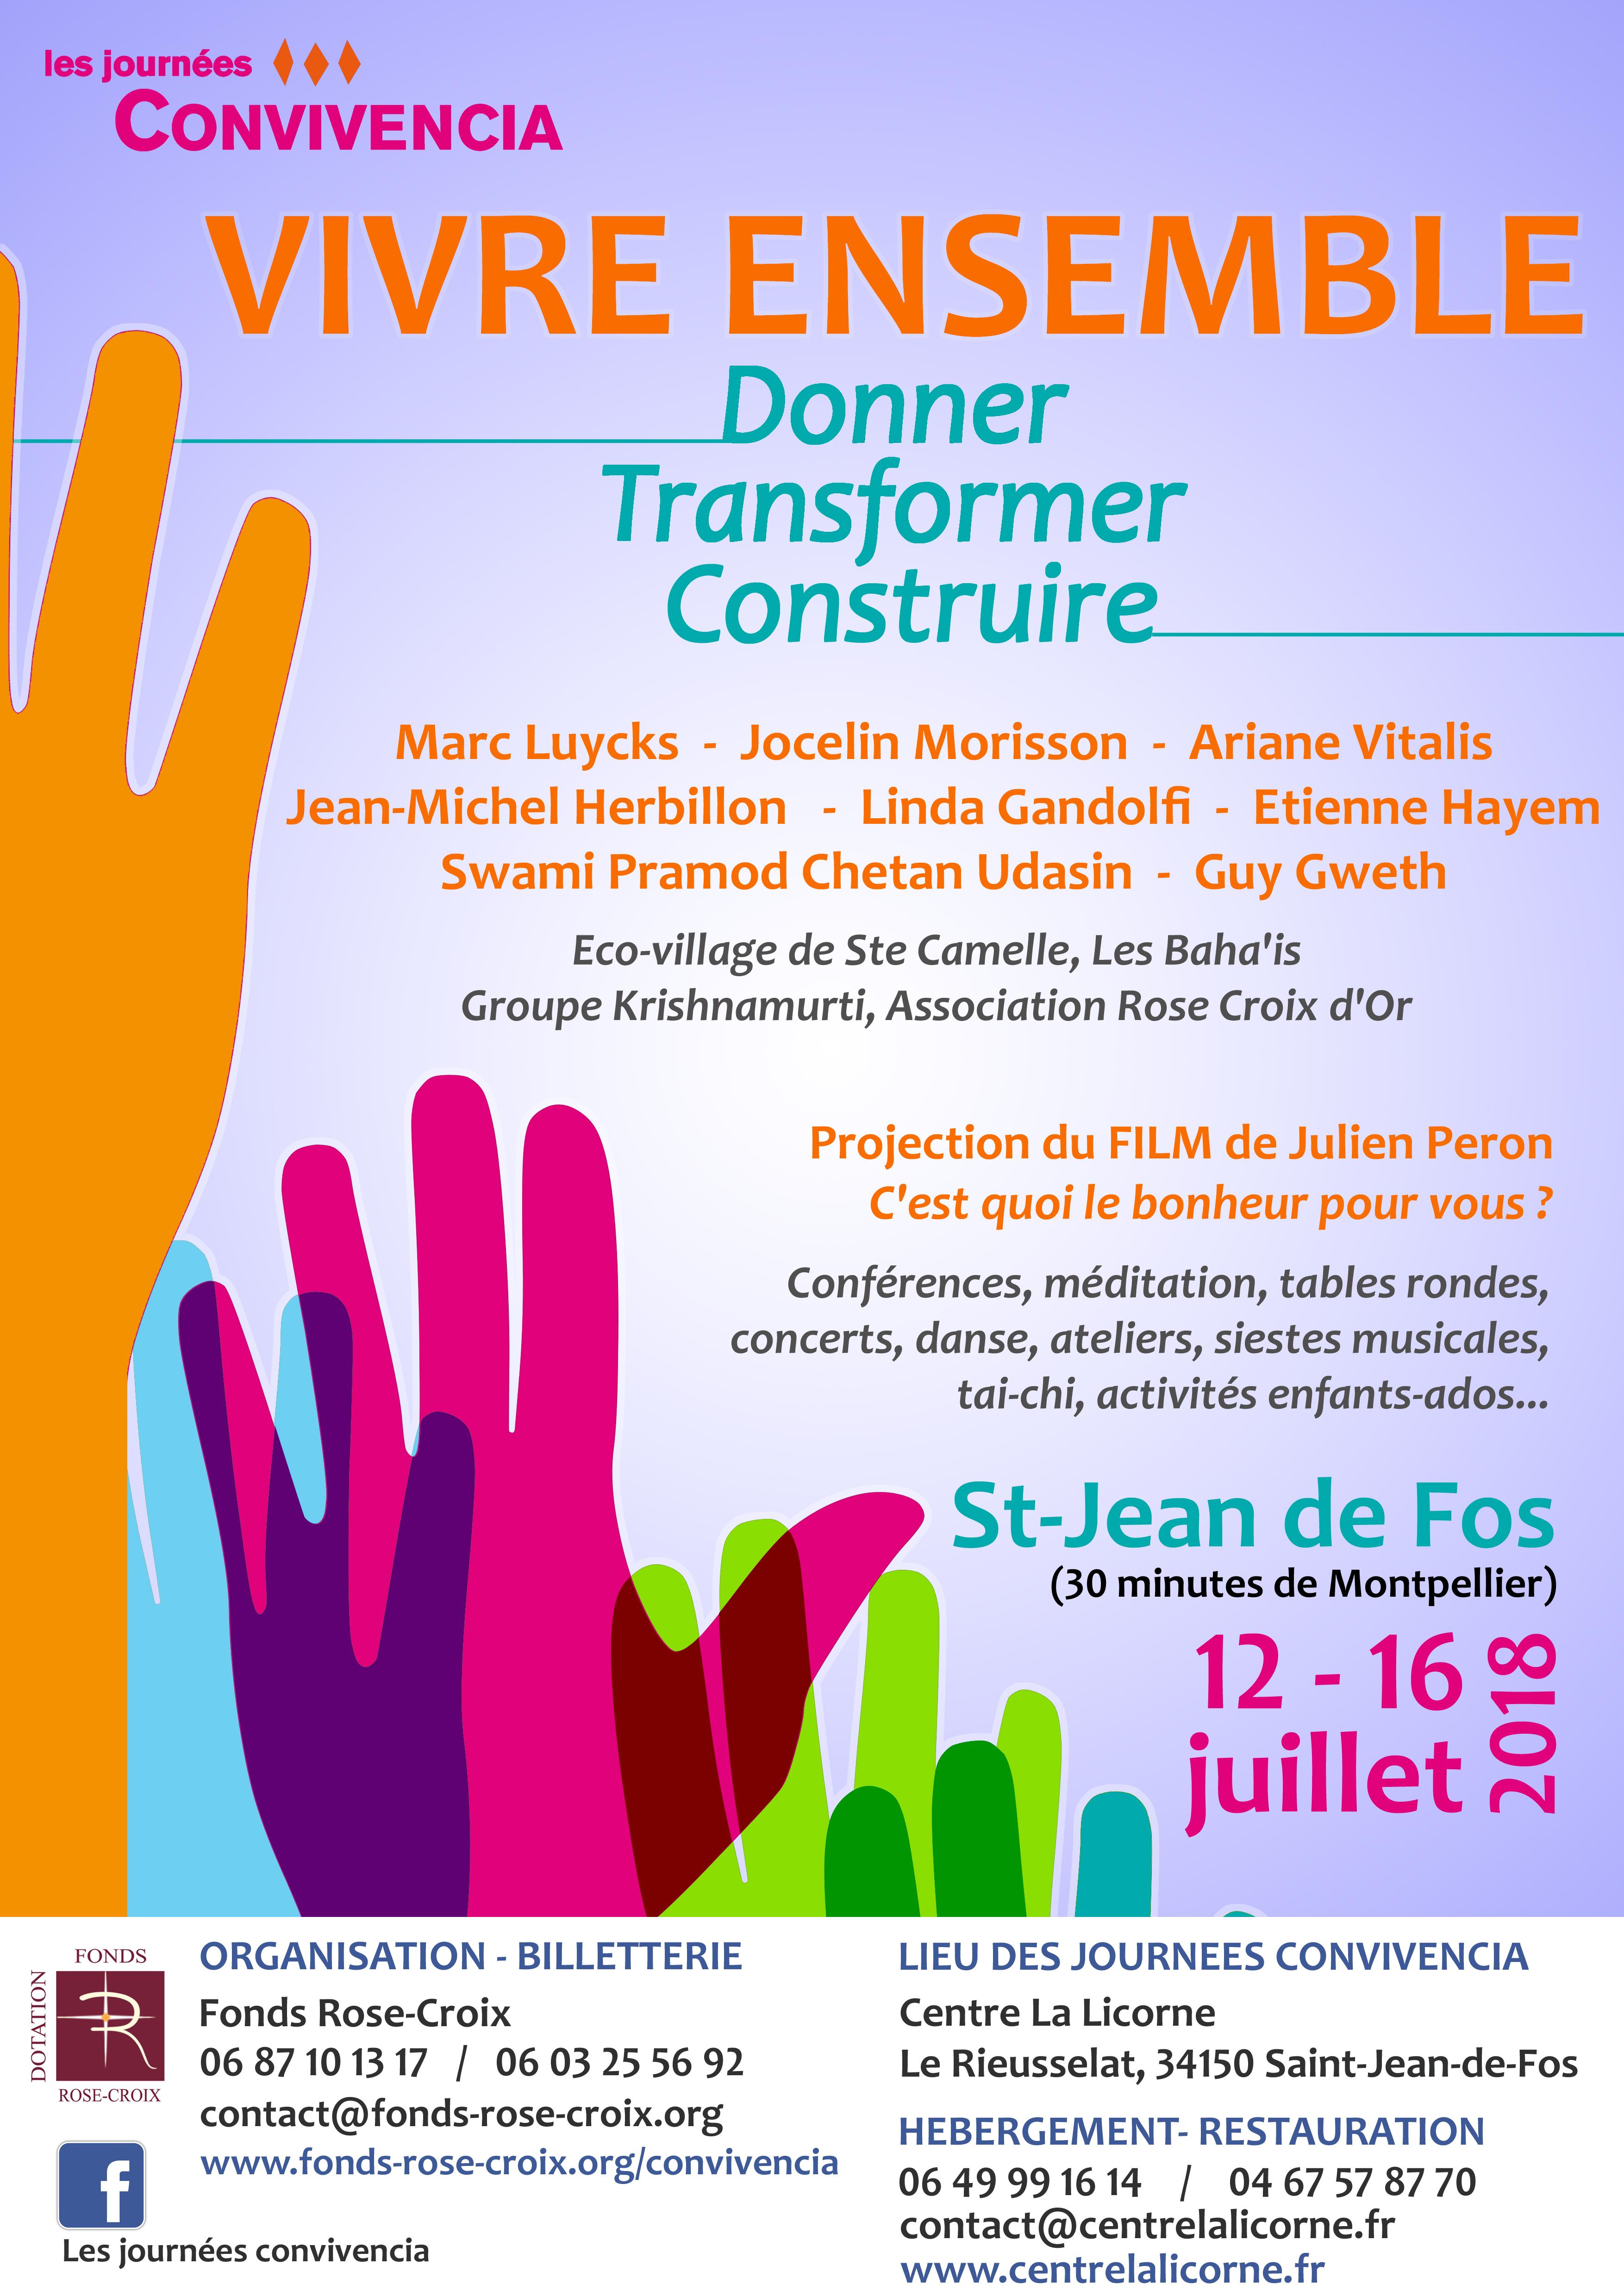 Les Journees Convivencia Du 12 Au 16 Juillet 2018 Fonds Rose Croix